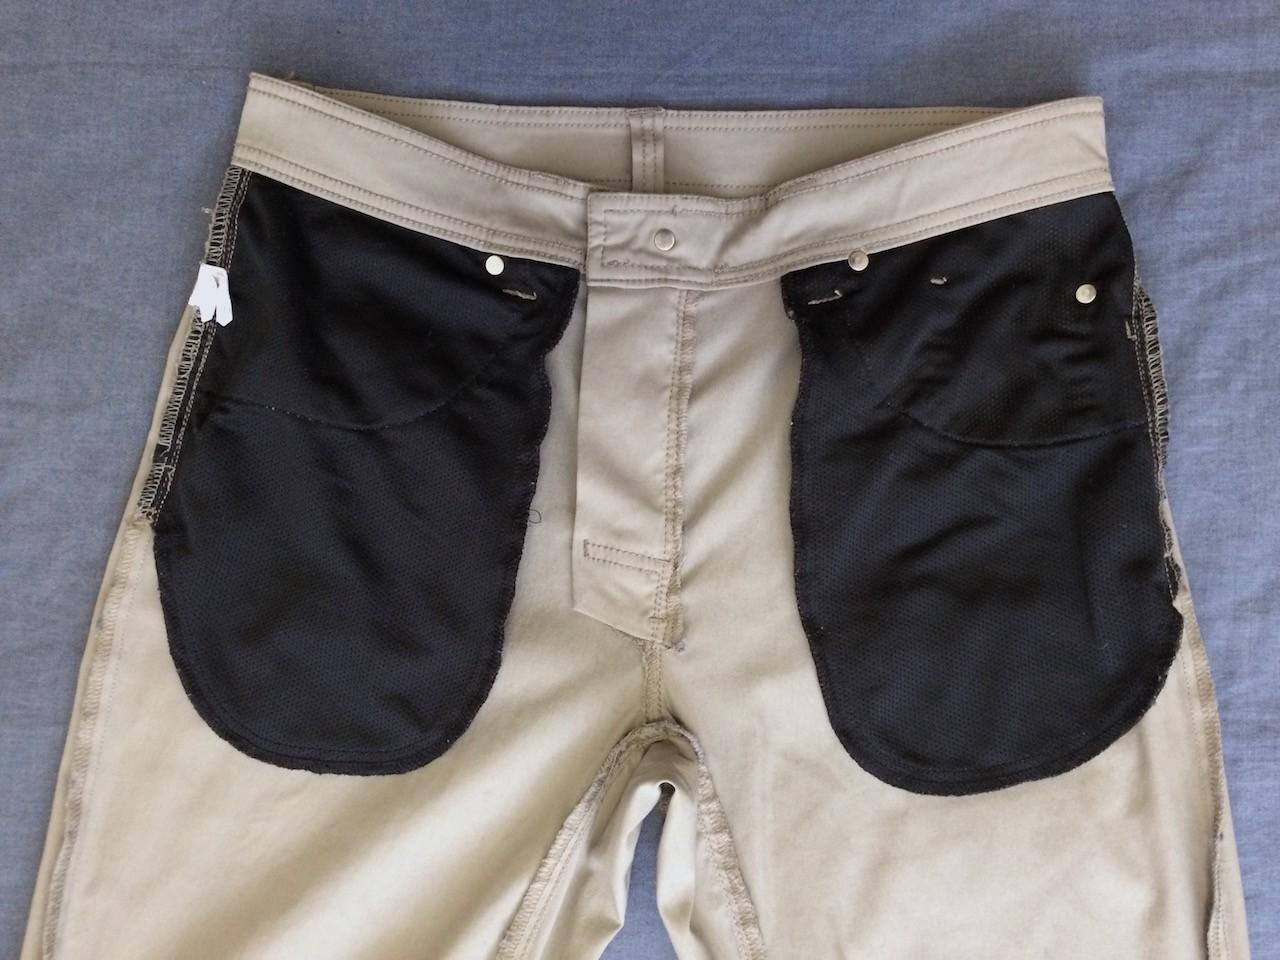 Prana Brion Pant à l'intérieur de la poche